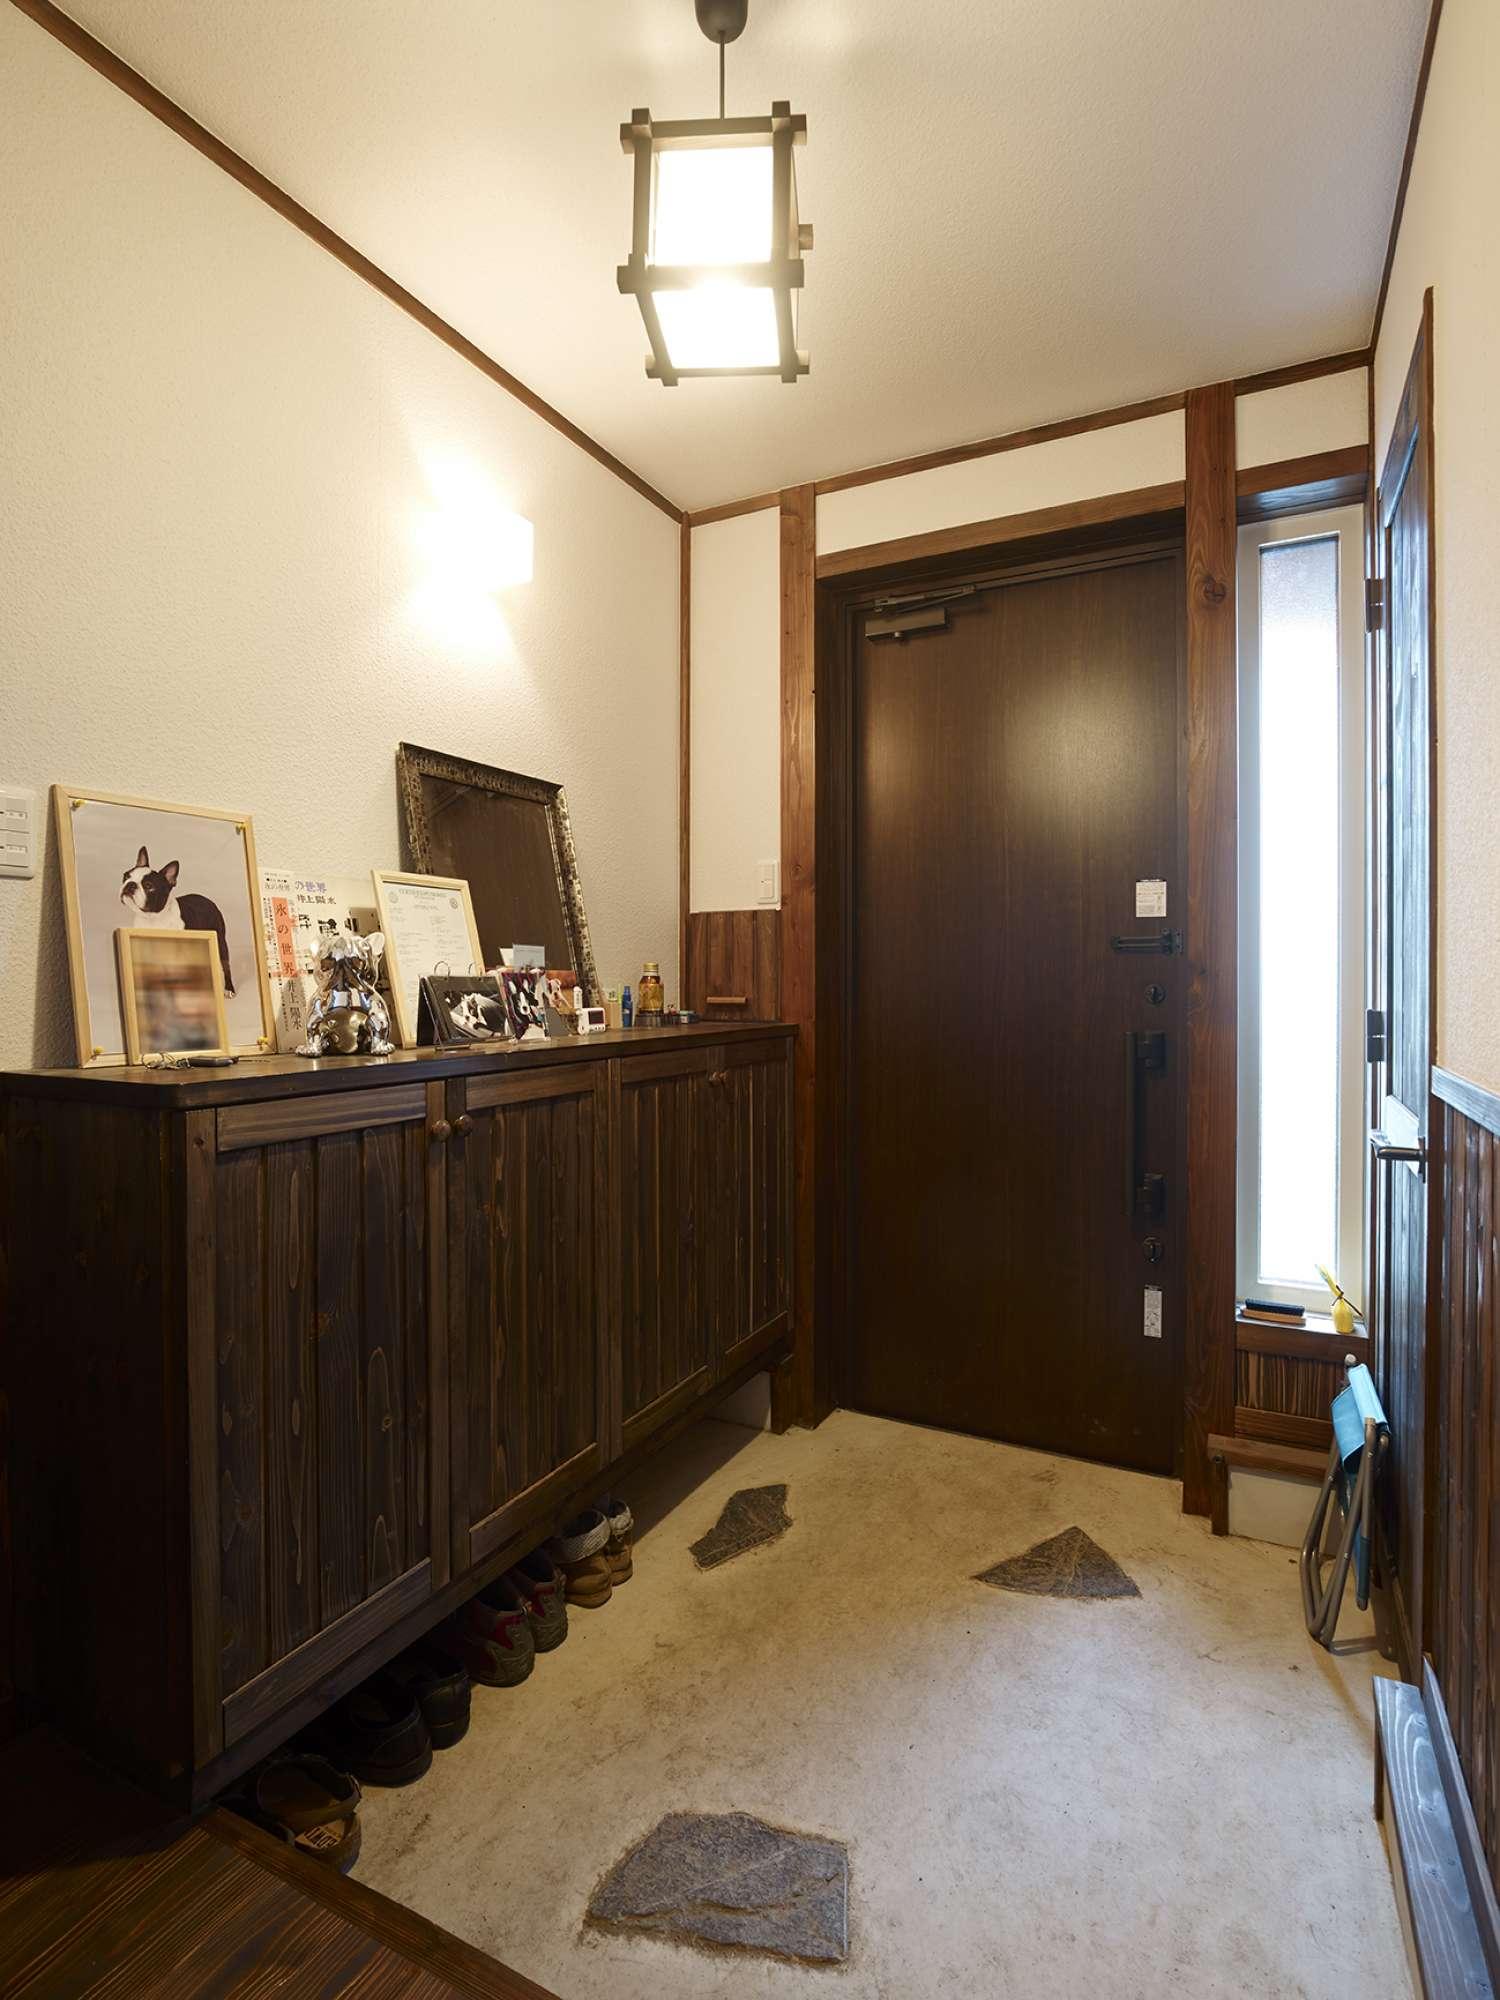 自然石を埋め込んだ玄関。下駄箱は造作、右手に物入設置 -  -  -